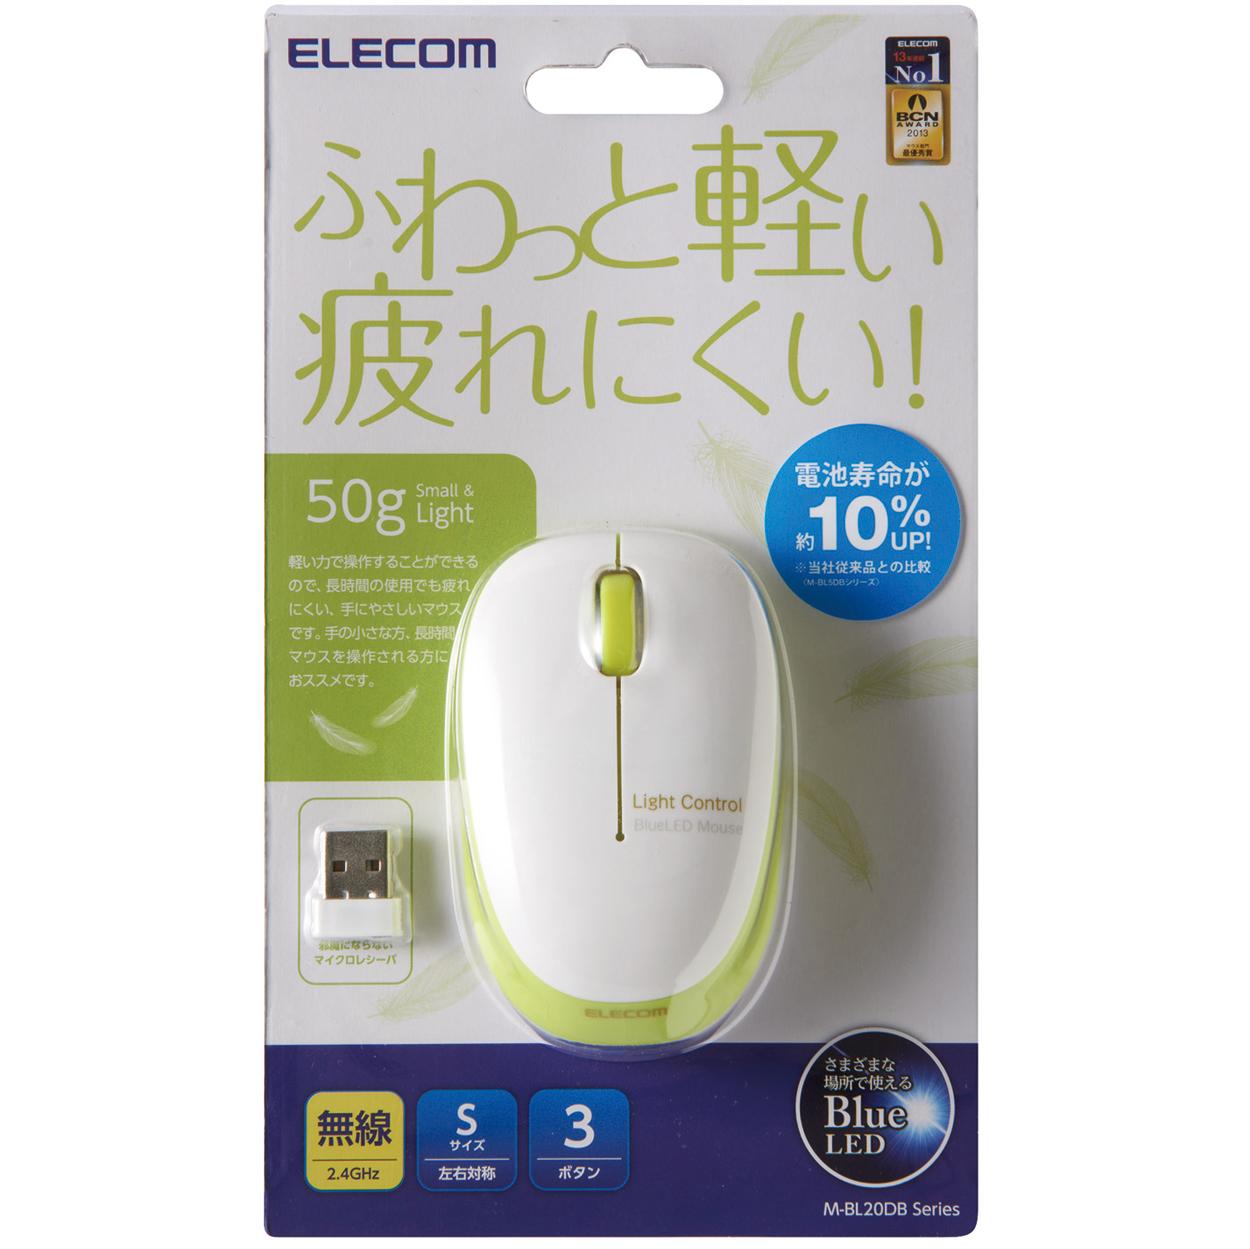 Chuột máy tính Elecom M-BL20DBGN(Xanh lá)